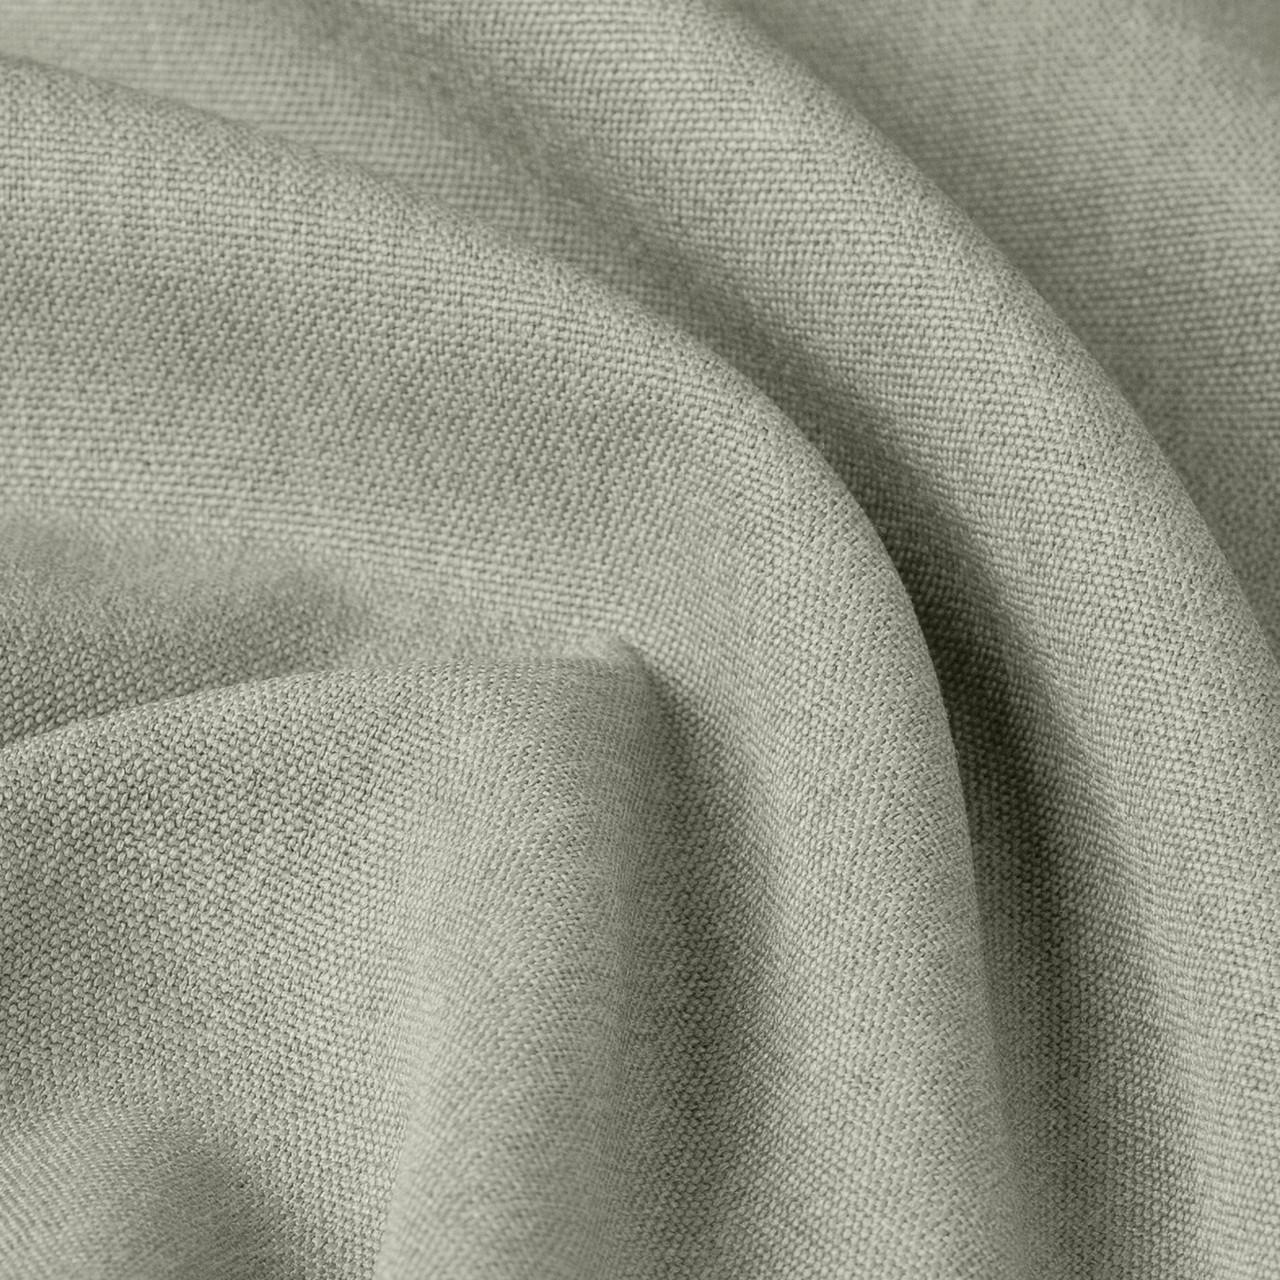 Блекаут фактурний однотонна, світло-сіра 300см 85743v2